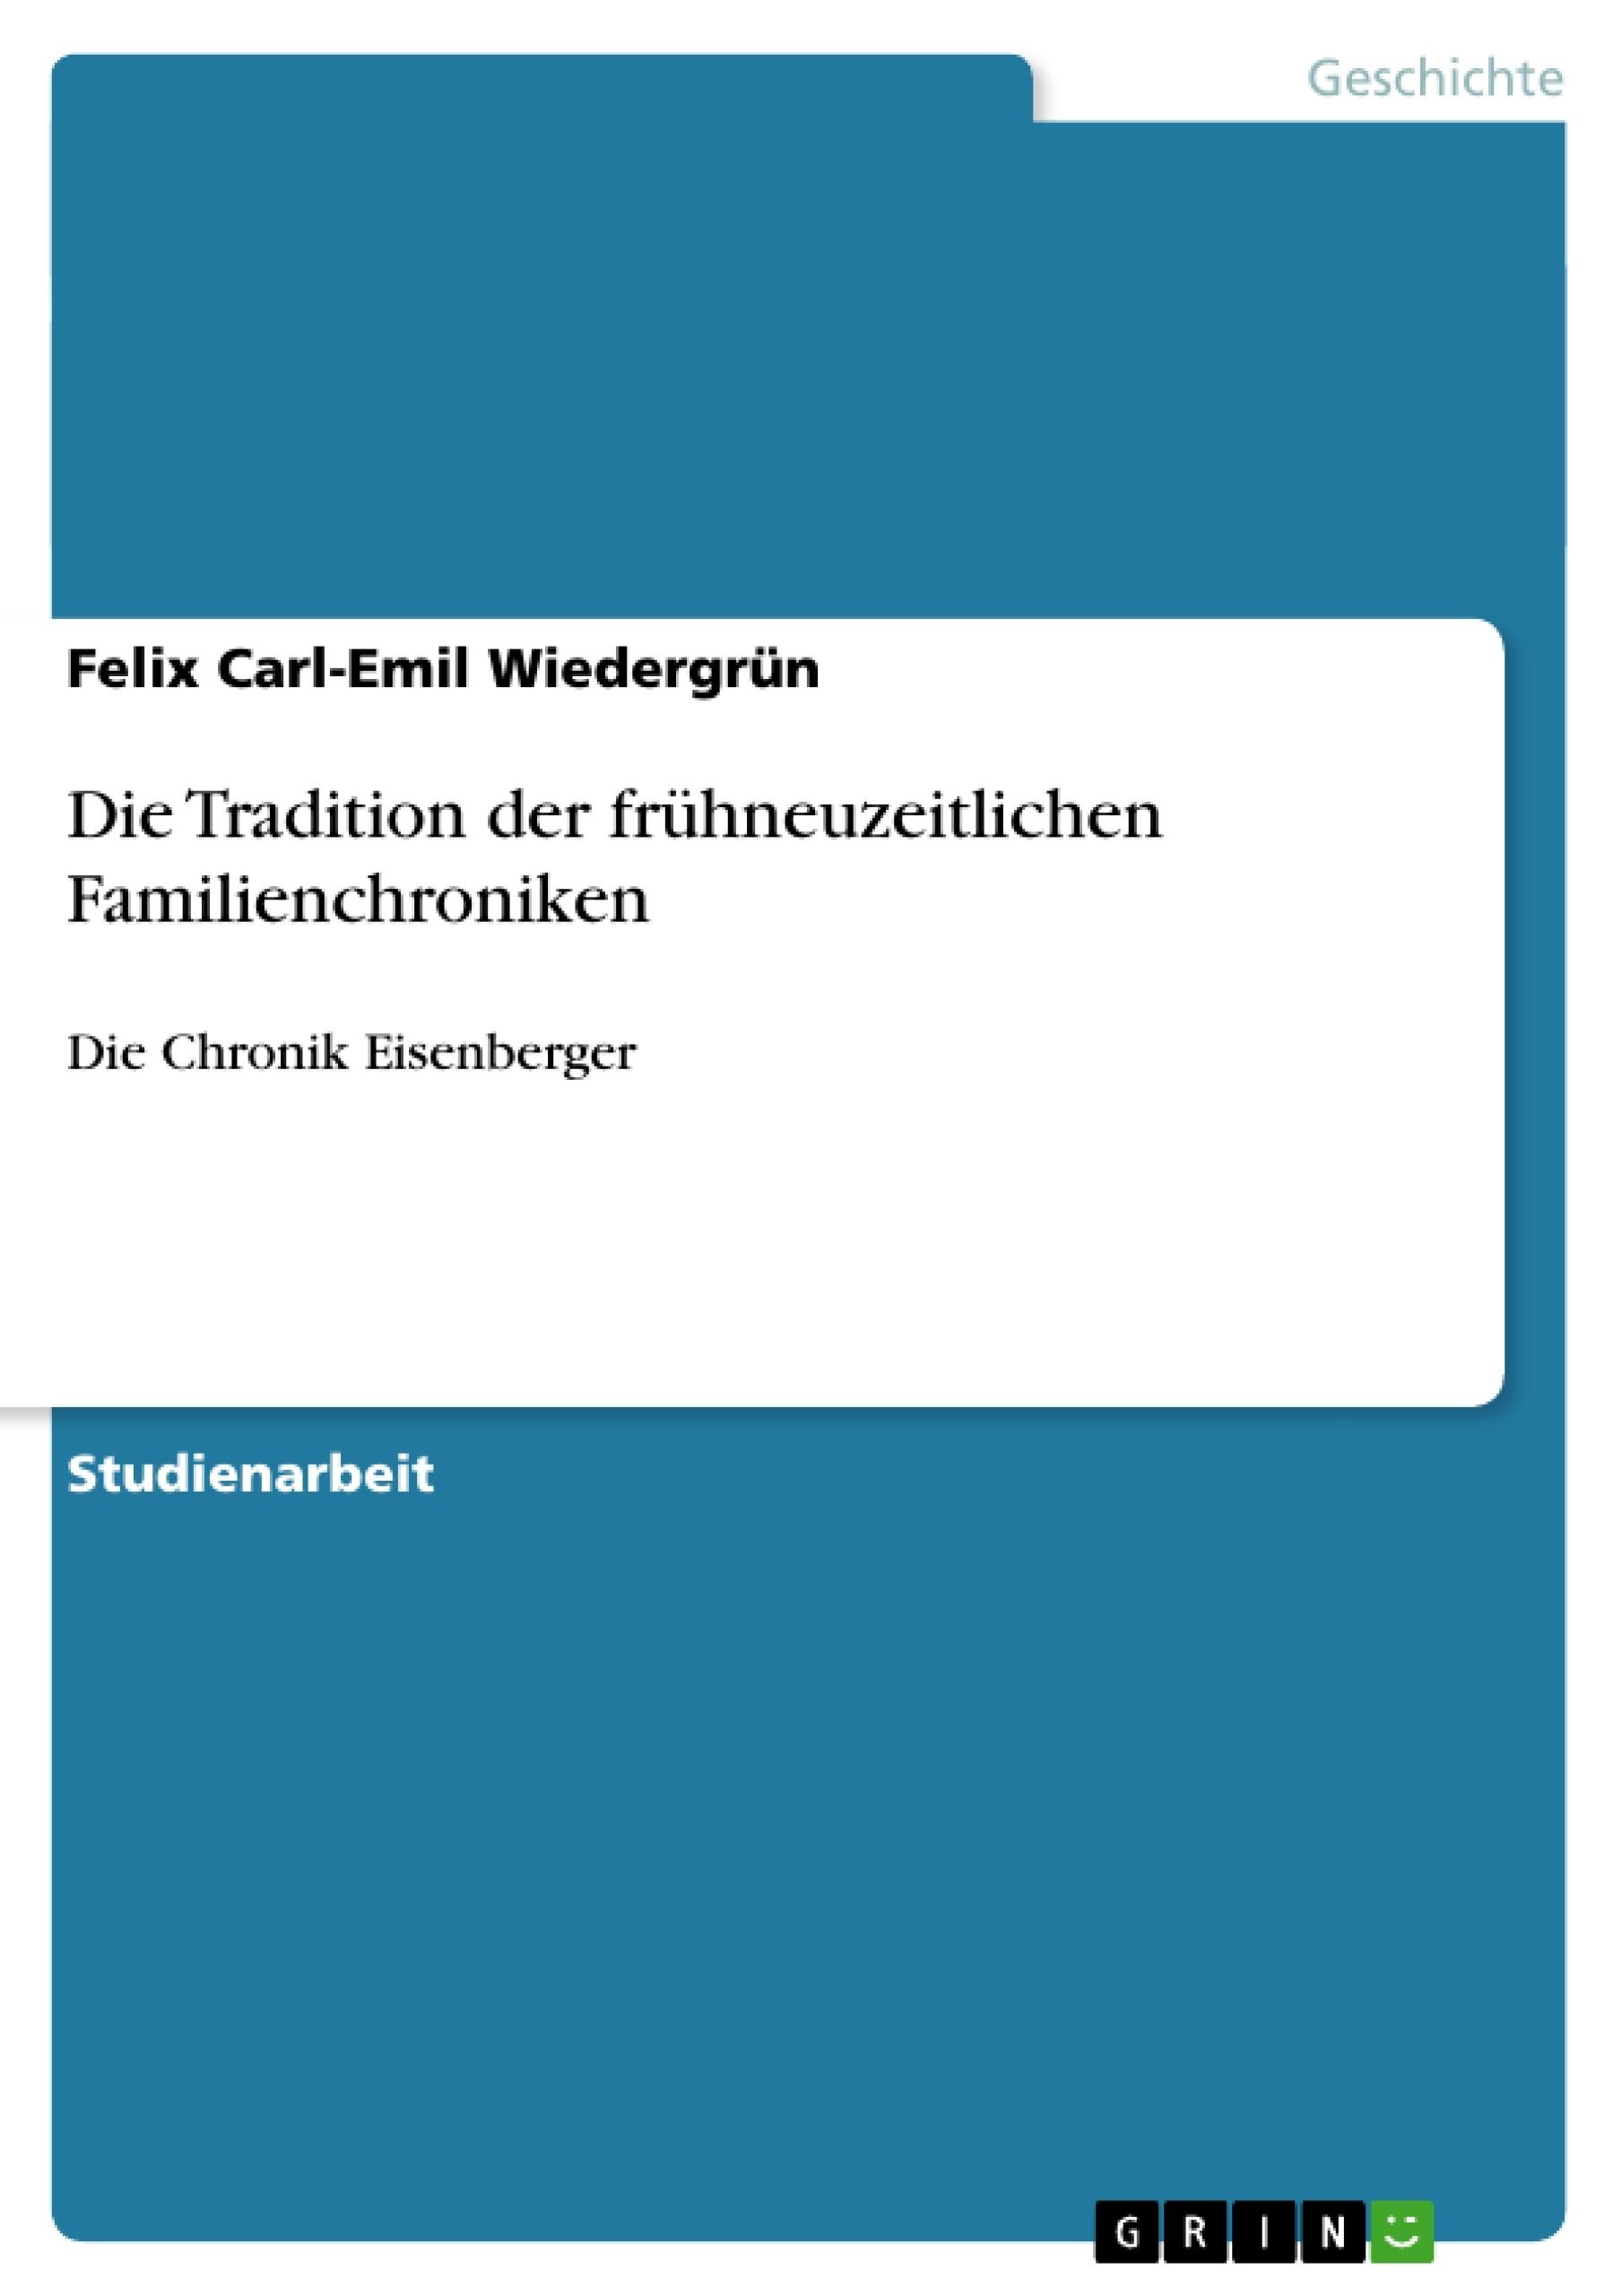 Titel: Die Tradition der frühneuzeitlichen Familienchroniken